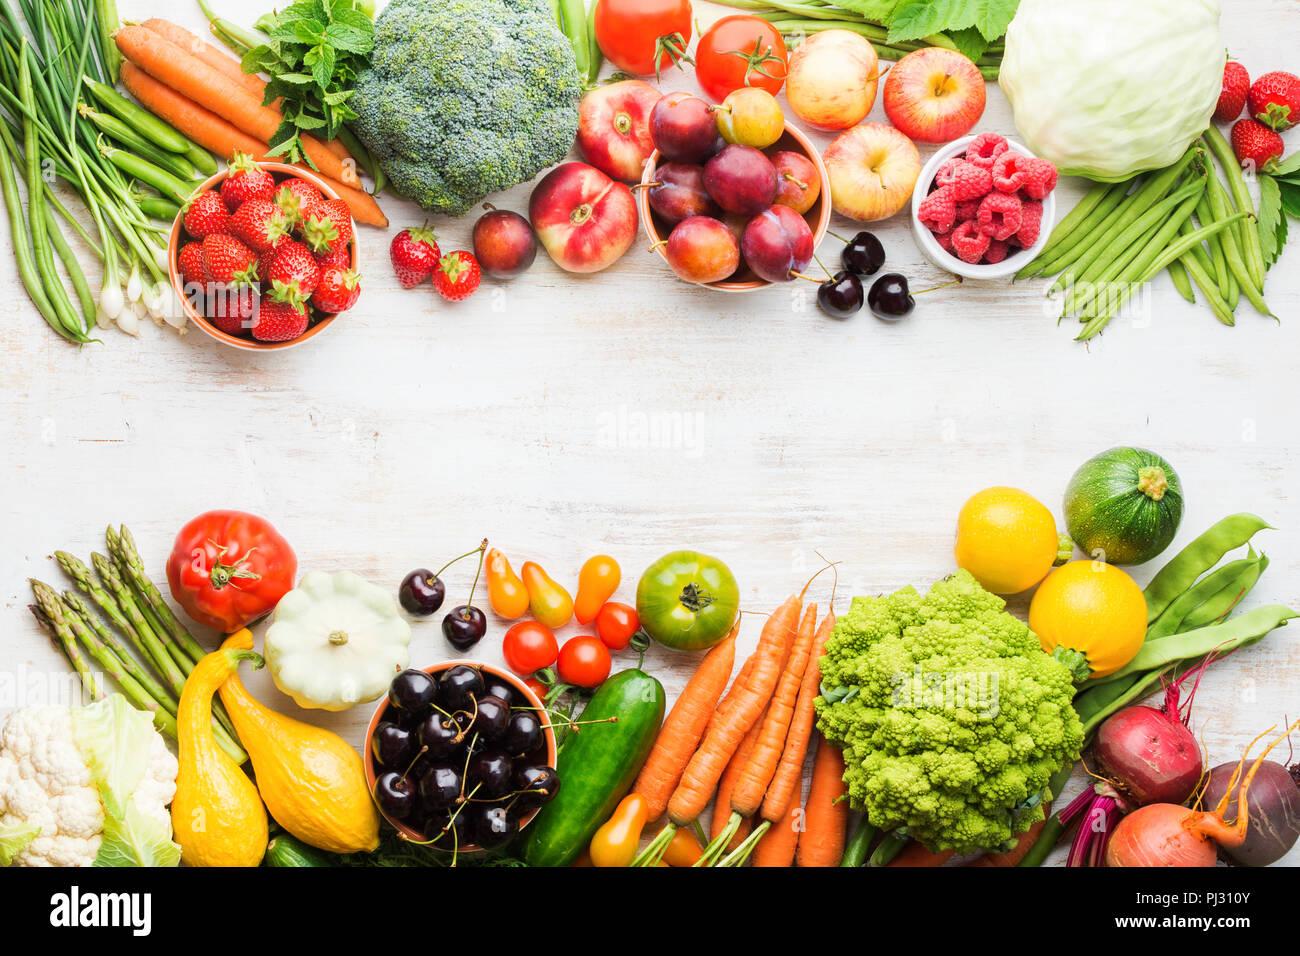 Les fruits d'été légumes baies, cerises fraises pommes pêches chou-fleur Brocoli Carottes Tomates courge oignons de printemps Haricots Betteraves, copie espace, vue du dessus, selective focus Photo Stock